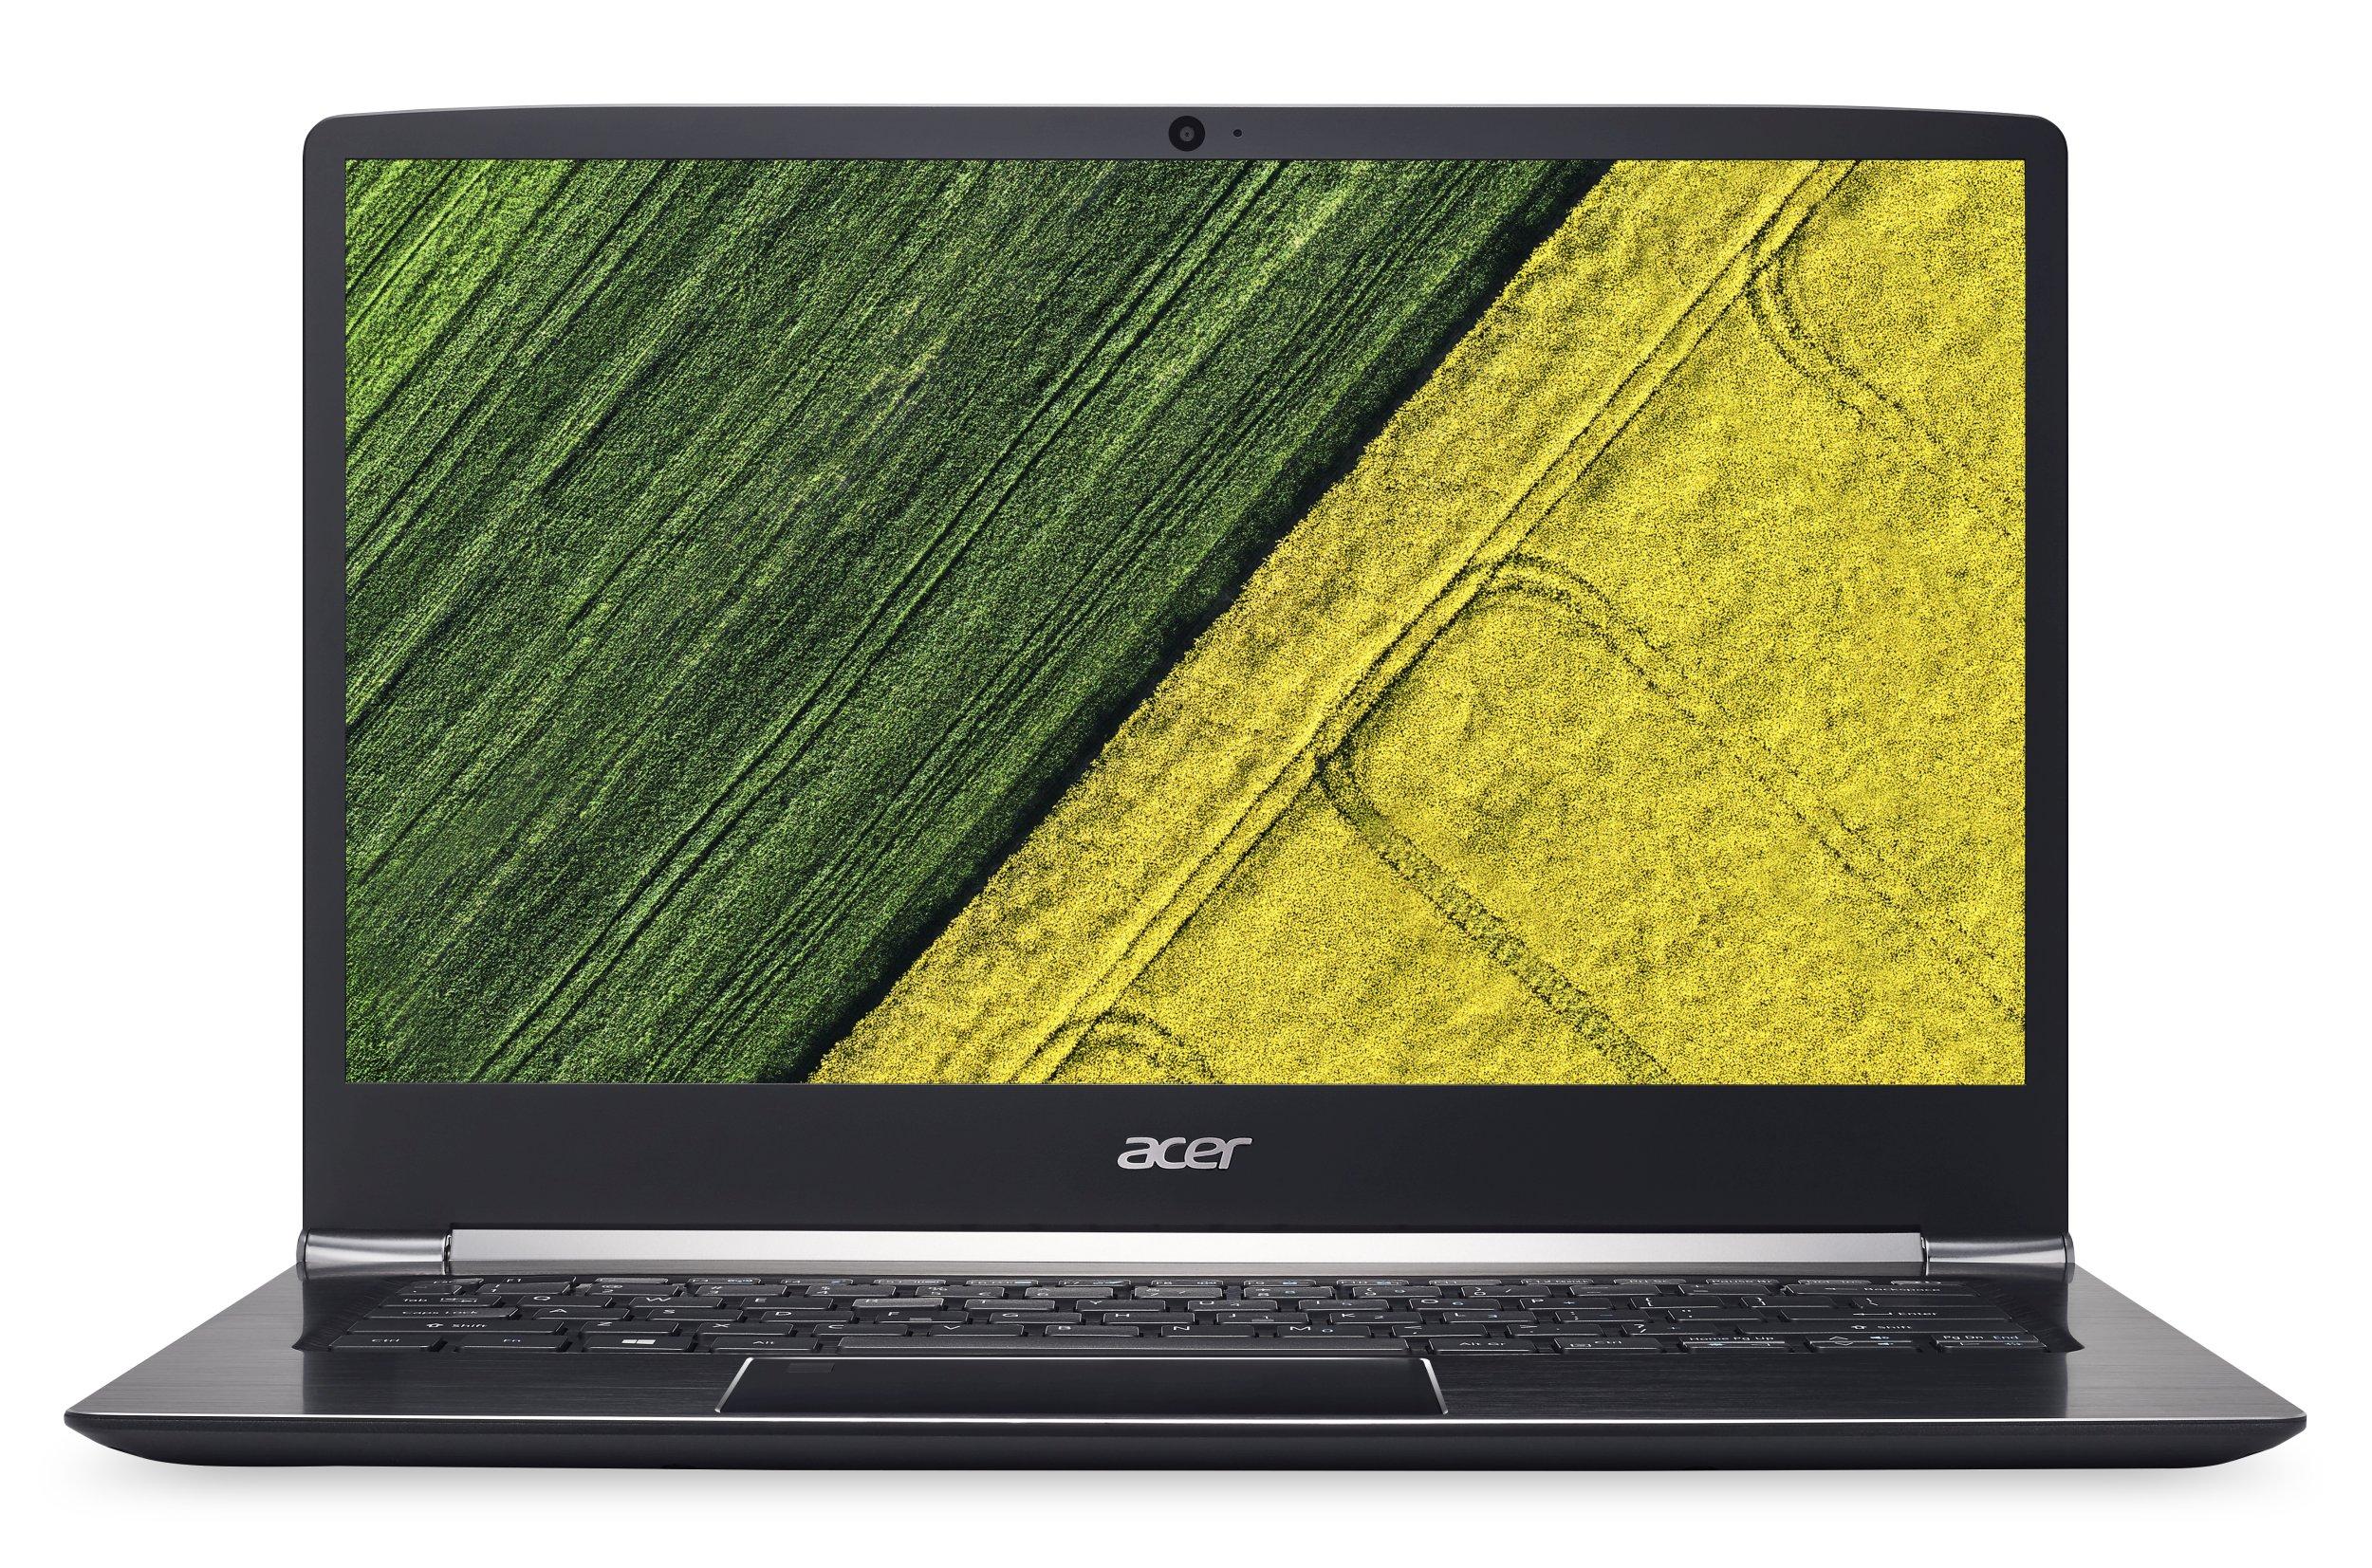 NX.GLDEC.004 Acer Swift 5 14/i7-7500U/8G/512SSD/W10 černý